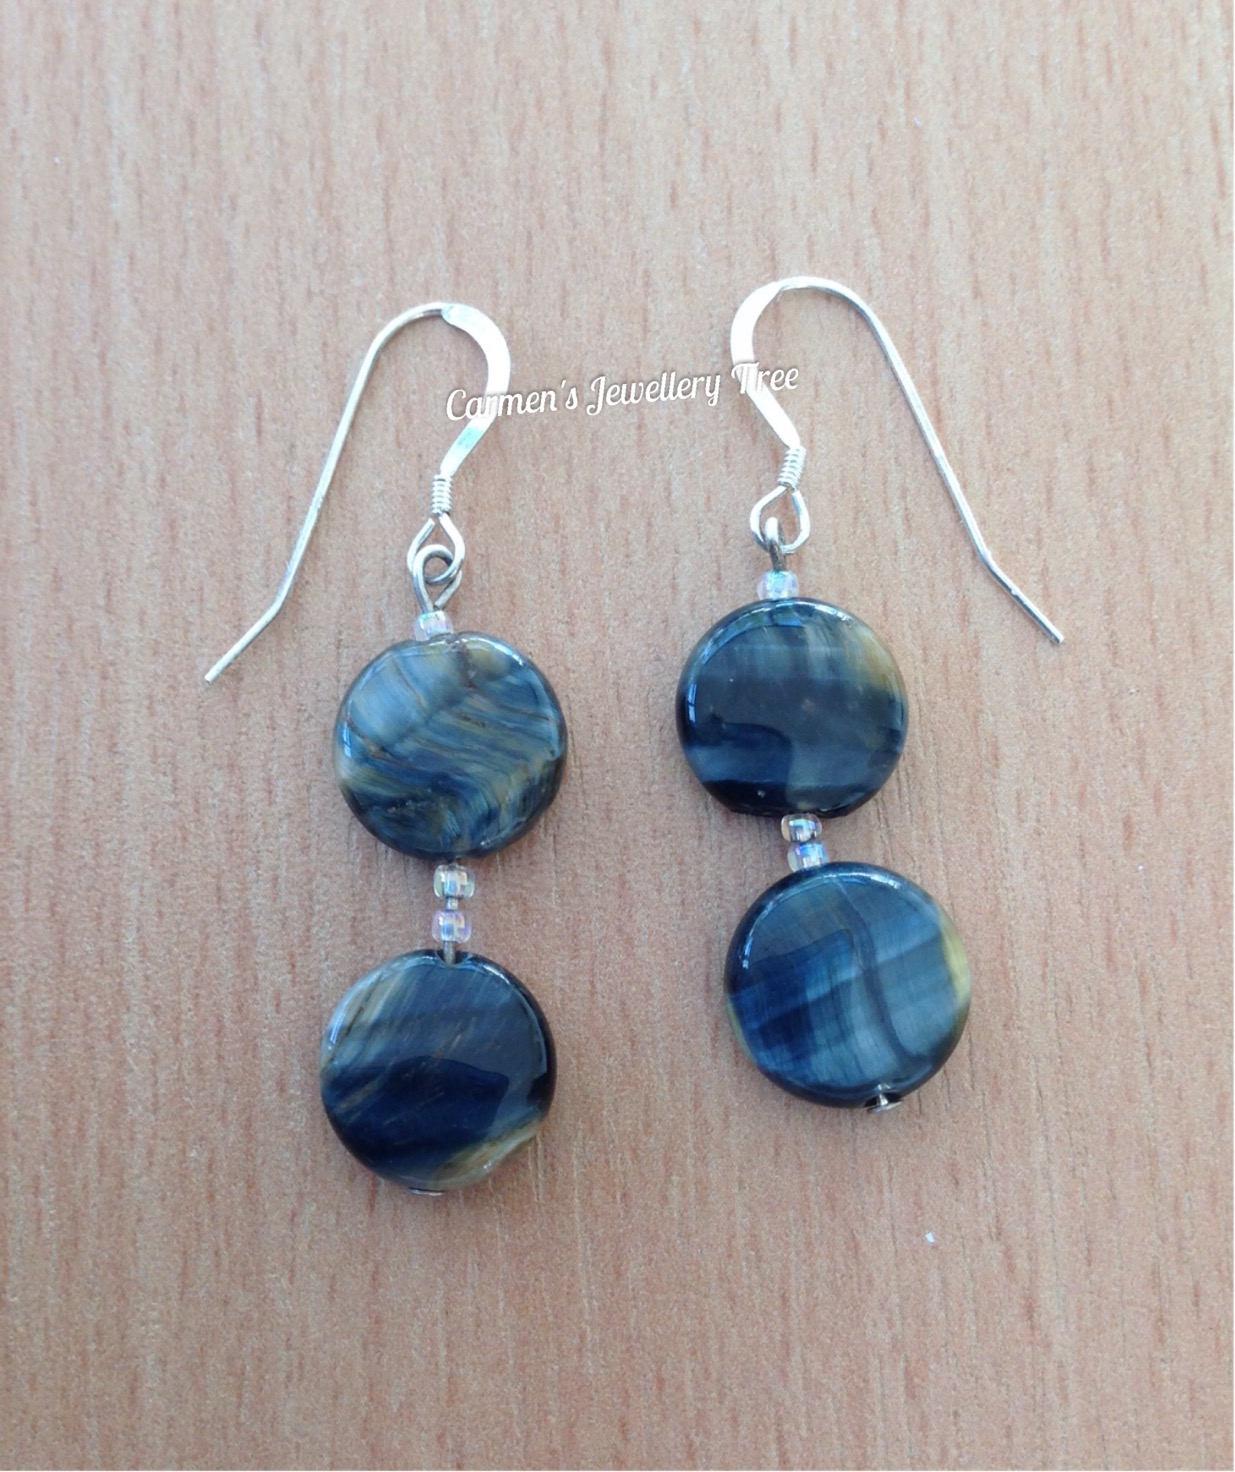 Earrings, HAWKs EYE, Sterling Silve hooks, Gift for Her, Gemstone Jewellery